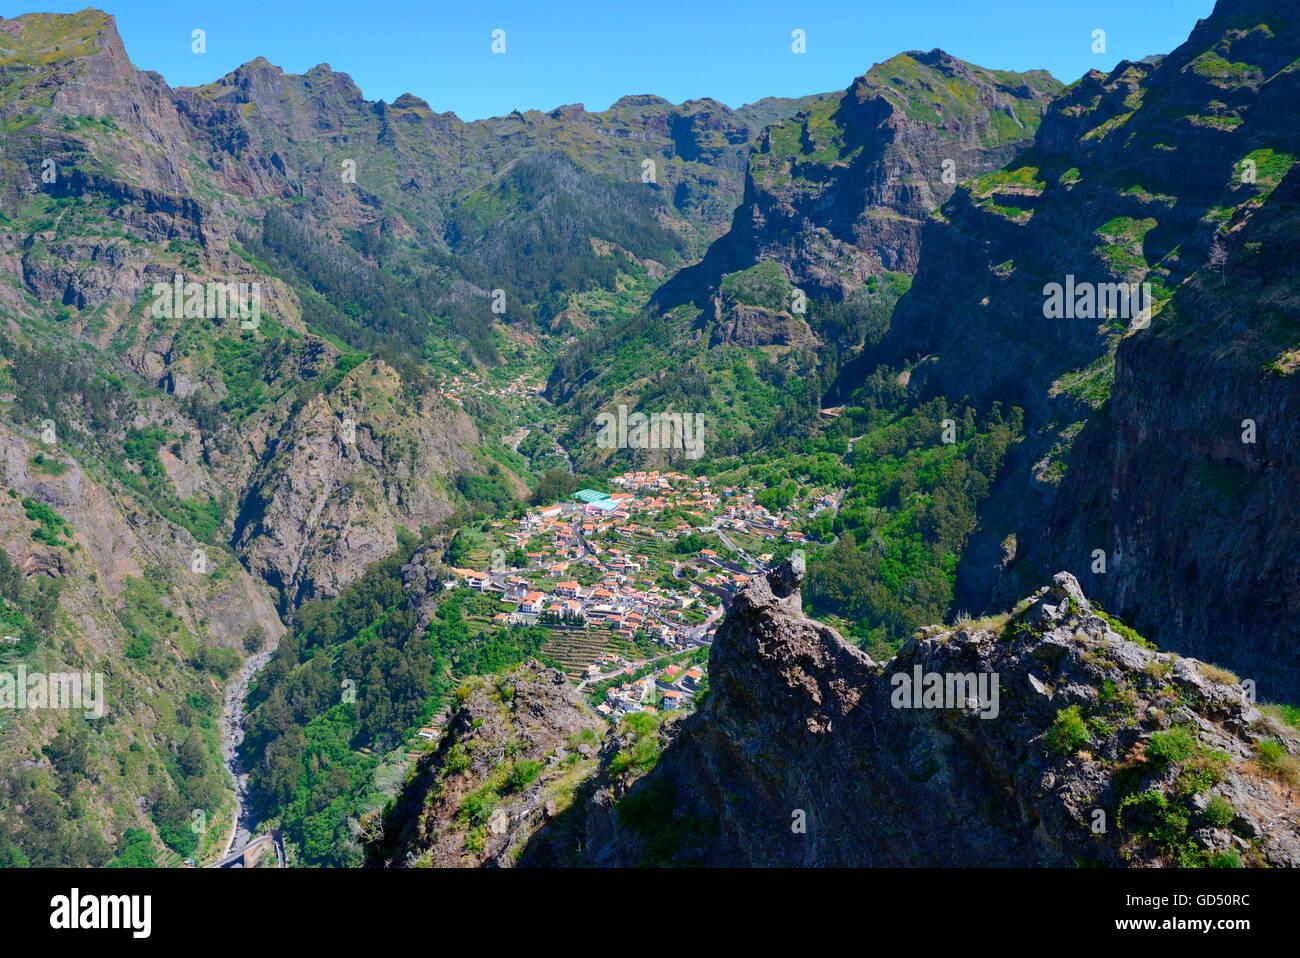 Curral das Freiras im Nonnental, Blick vom Eiro do Serrado (1095m), Madeira, Portugal - Stock Image